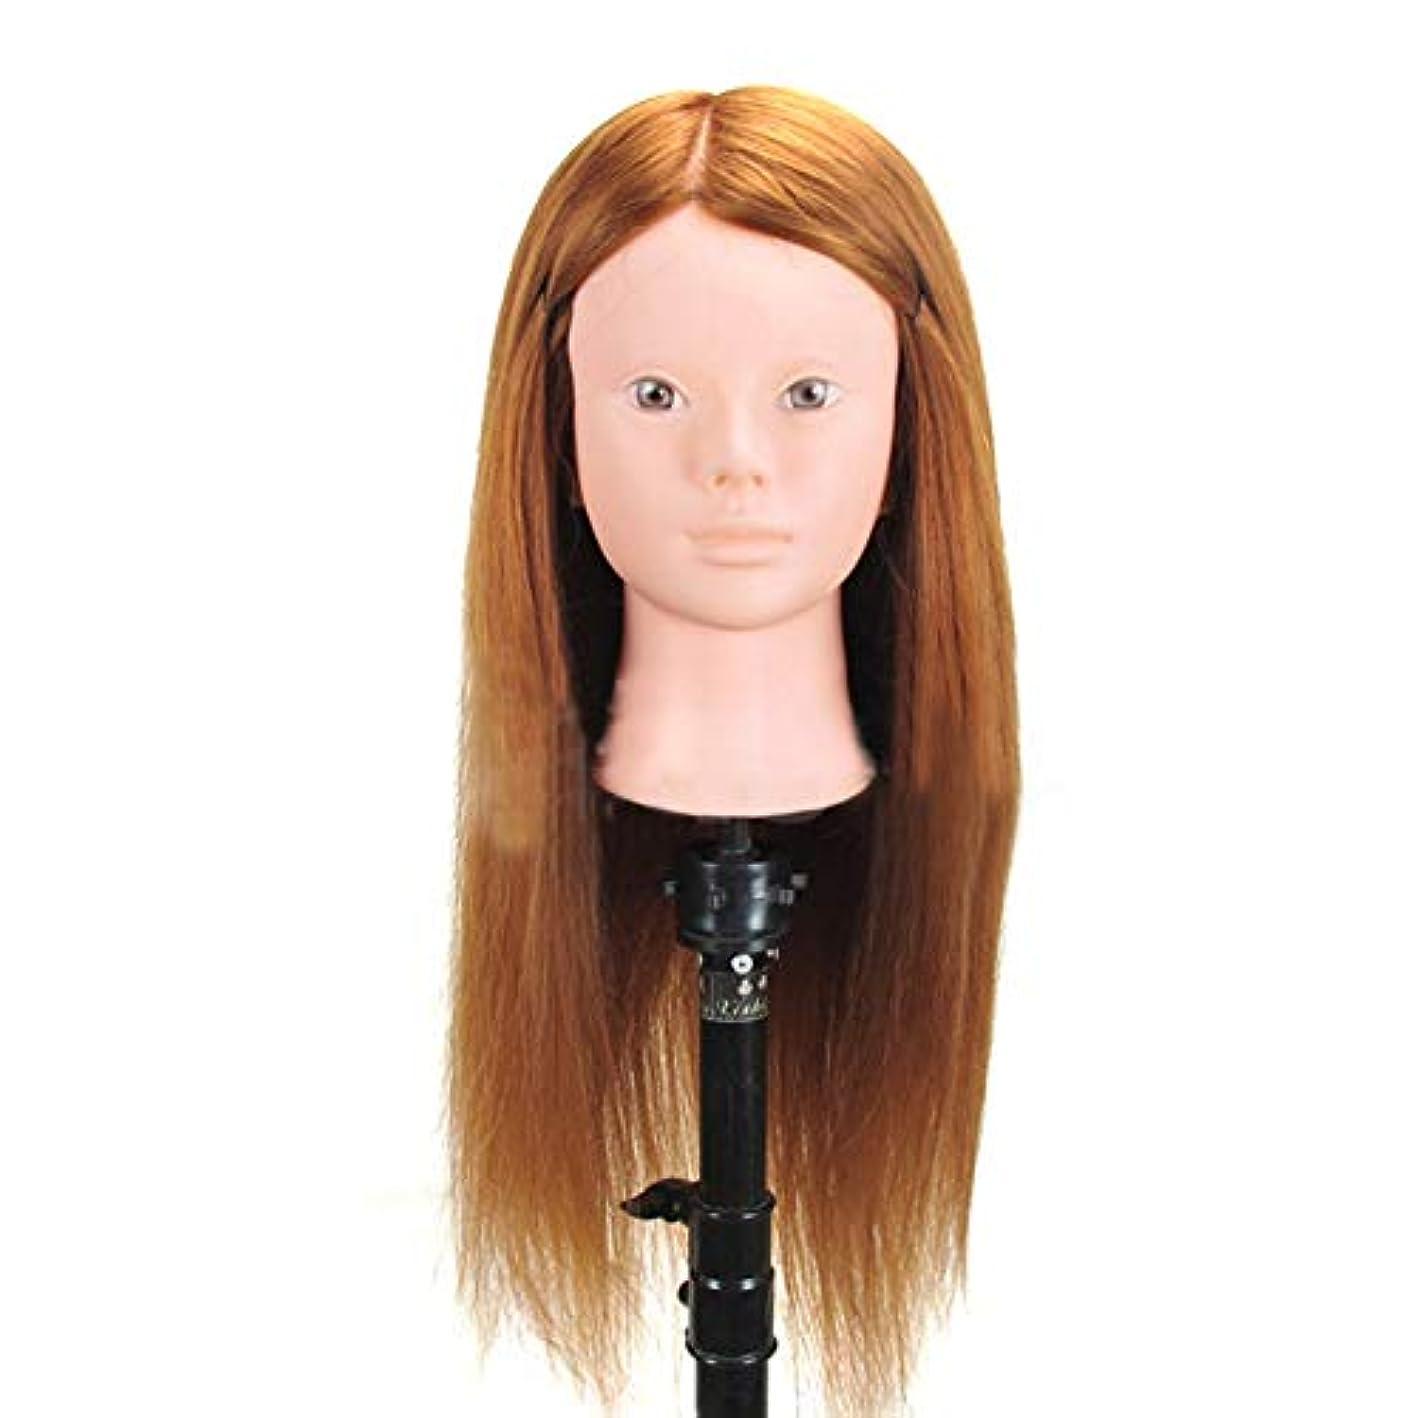 展望台どういたしまして加速度高温シルクヘアマネキンヘッド編組ヘアヘアピンヘッドモデルサロンパーマ髪染め学習ダミーヘッド